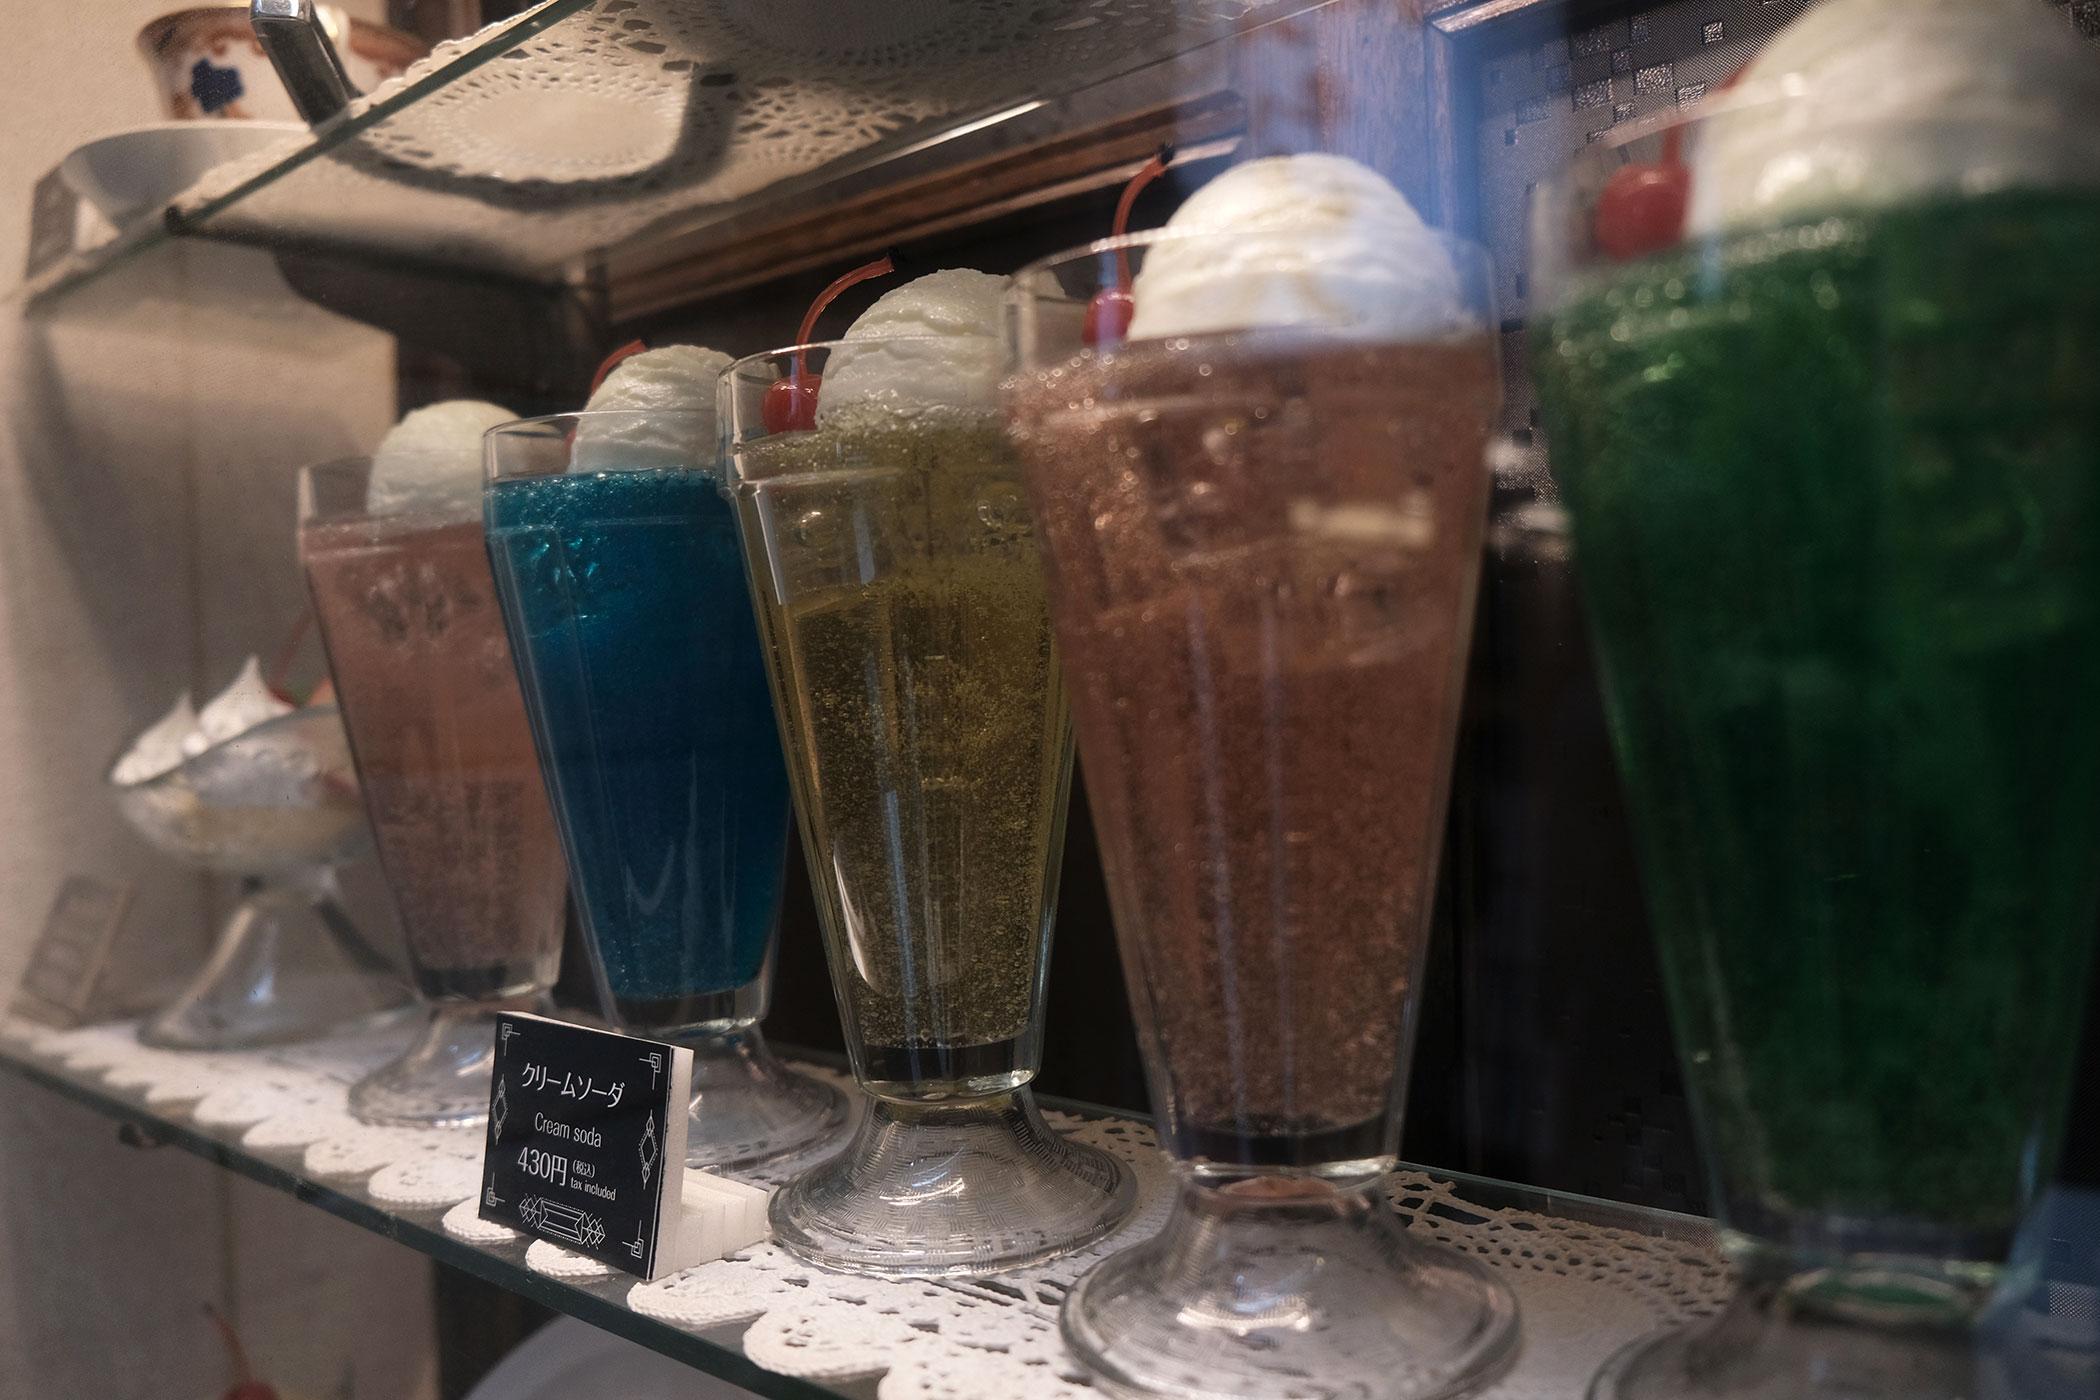 千成屋珈琲 大阪のおすすめ喫茶店4選